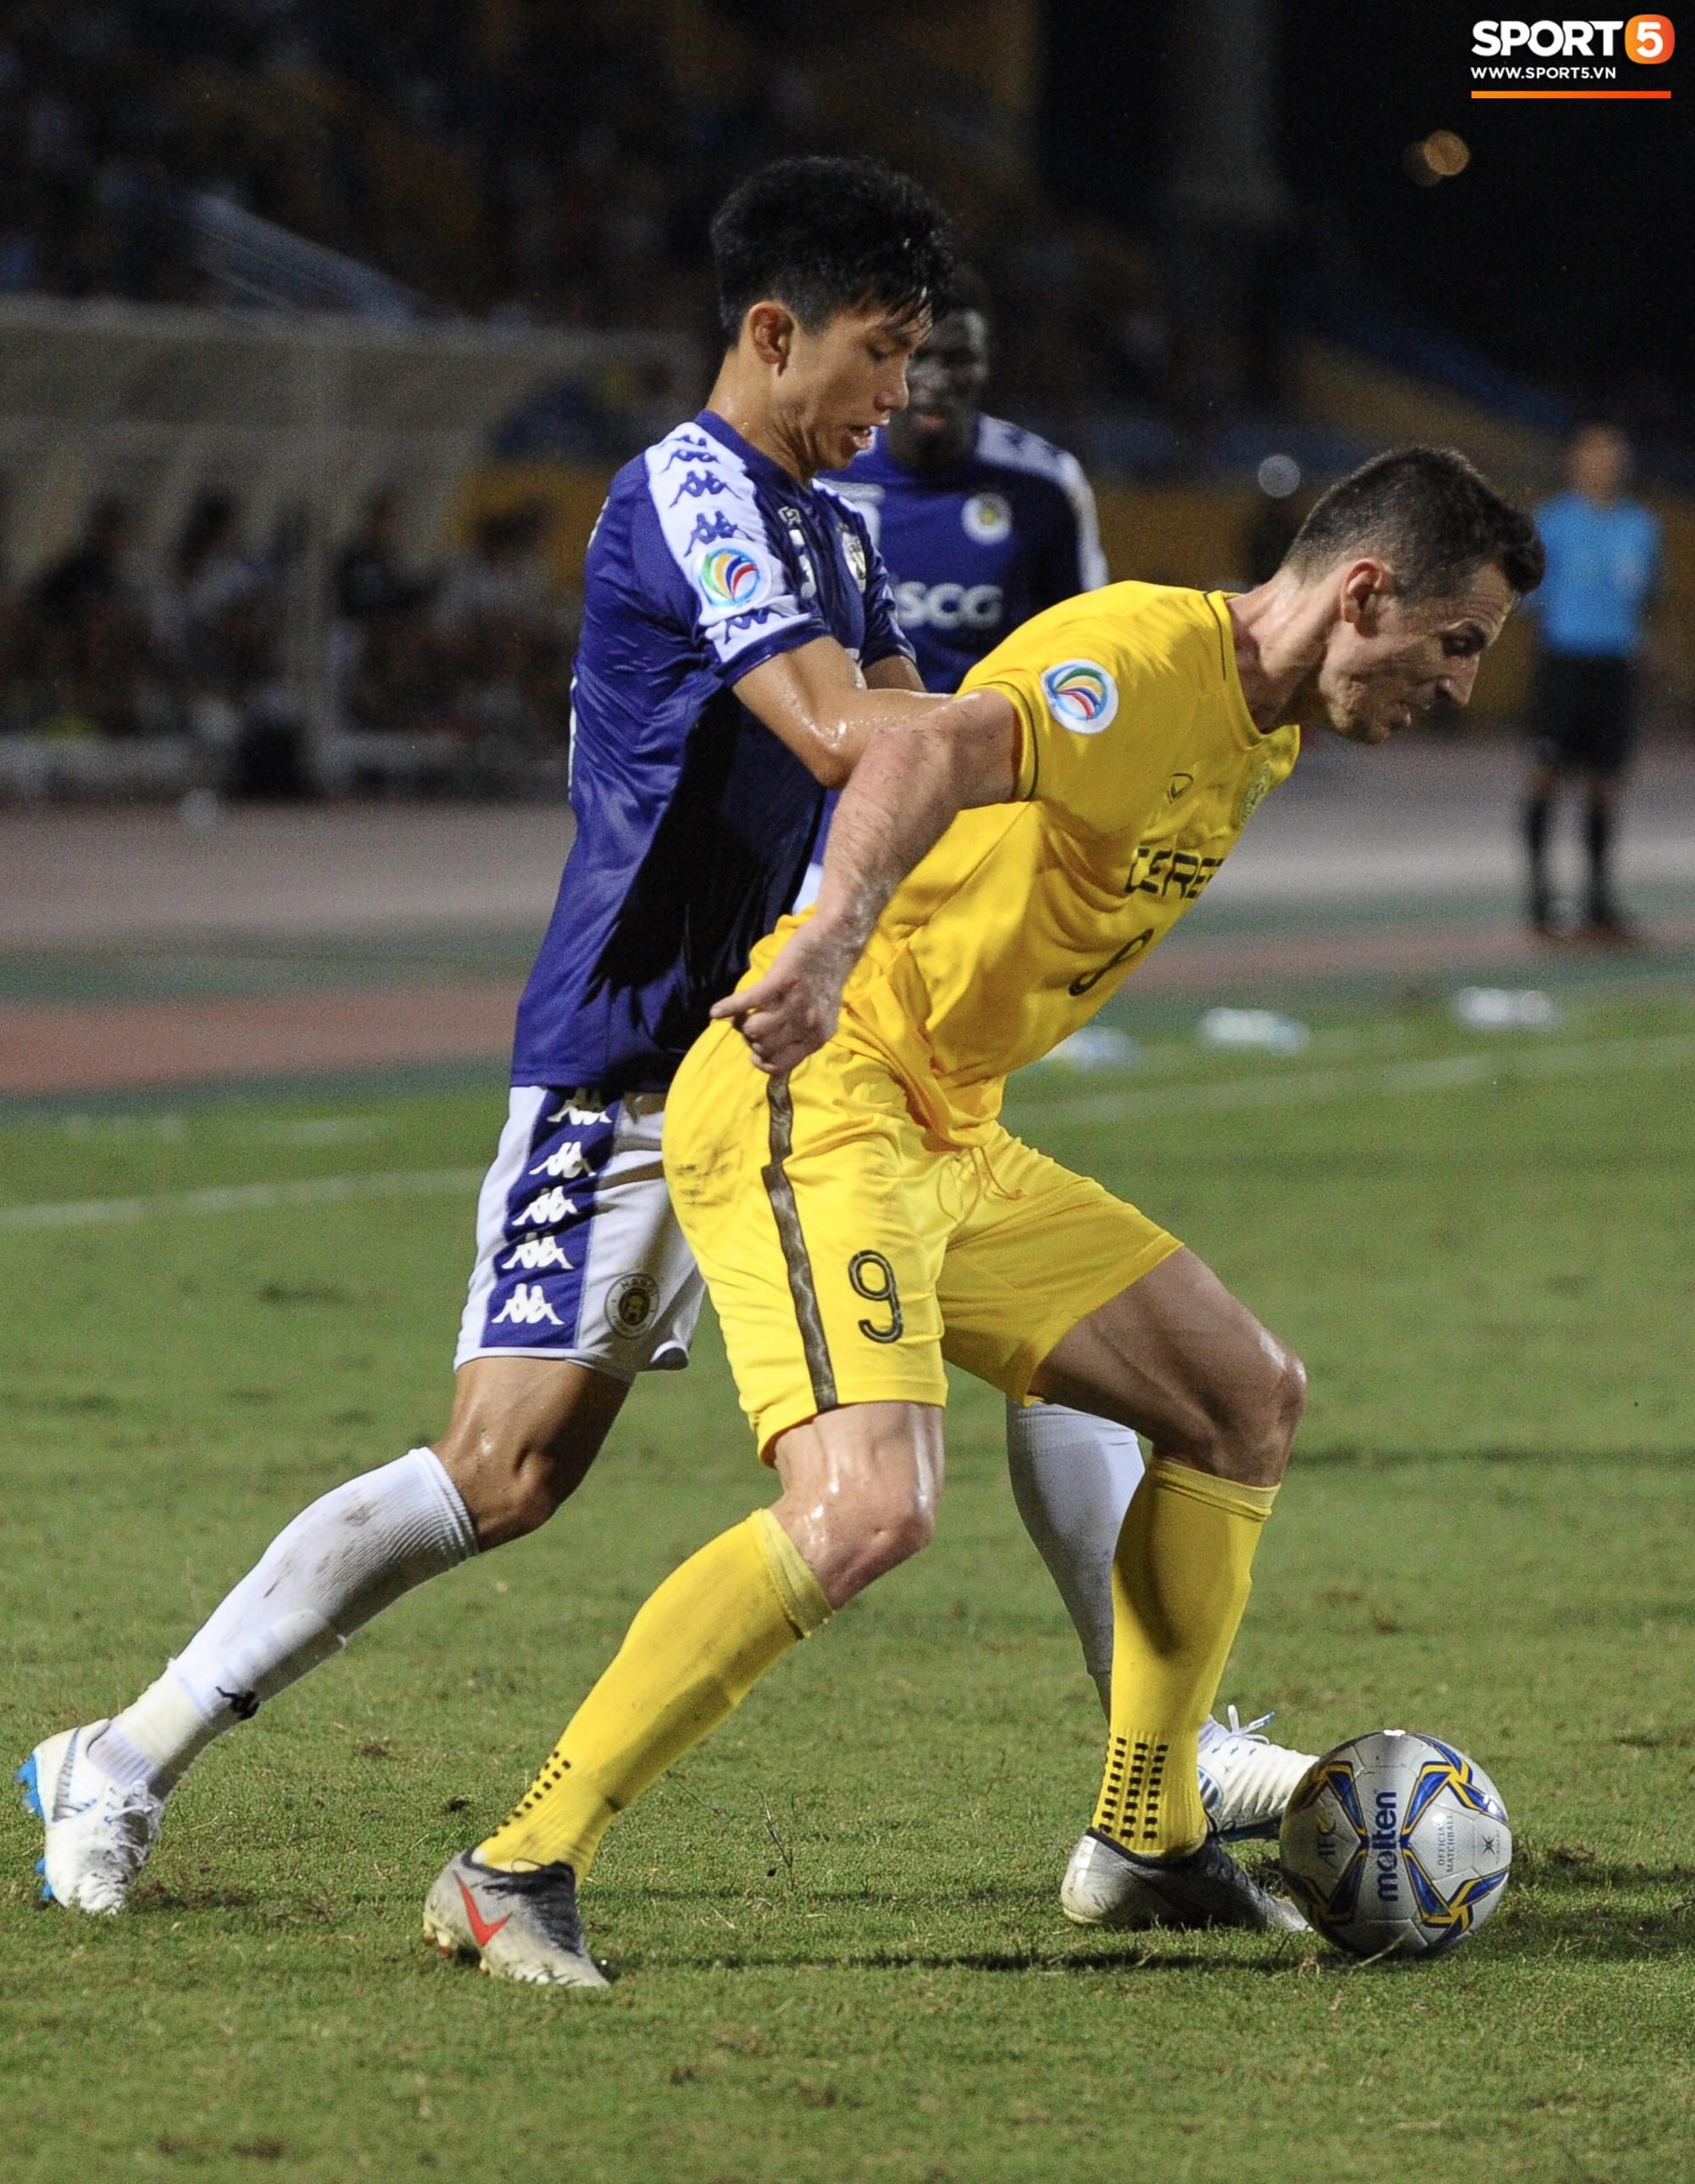 Trước tin đồn đến châu Âu thi đấu, Đoàn Văn Hậu vẫn nỗ lực hết mình vì Hà Nội FC-7